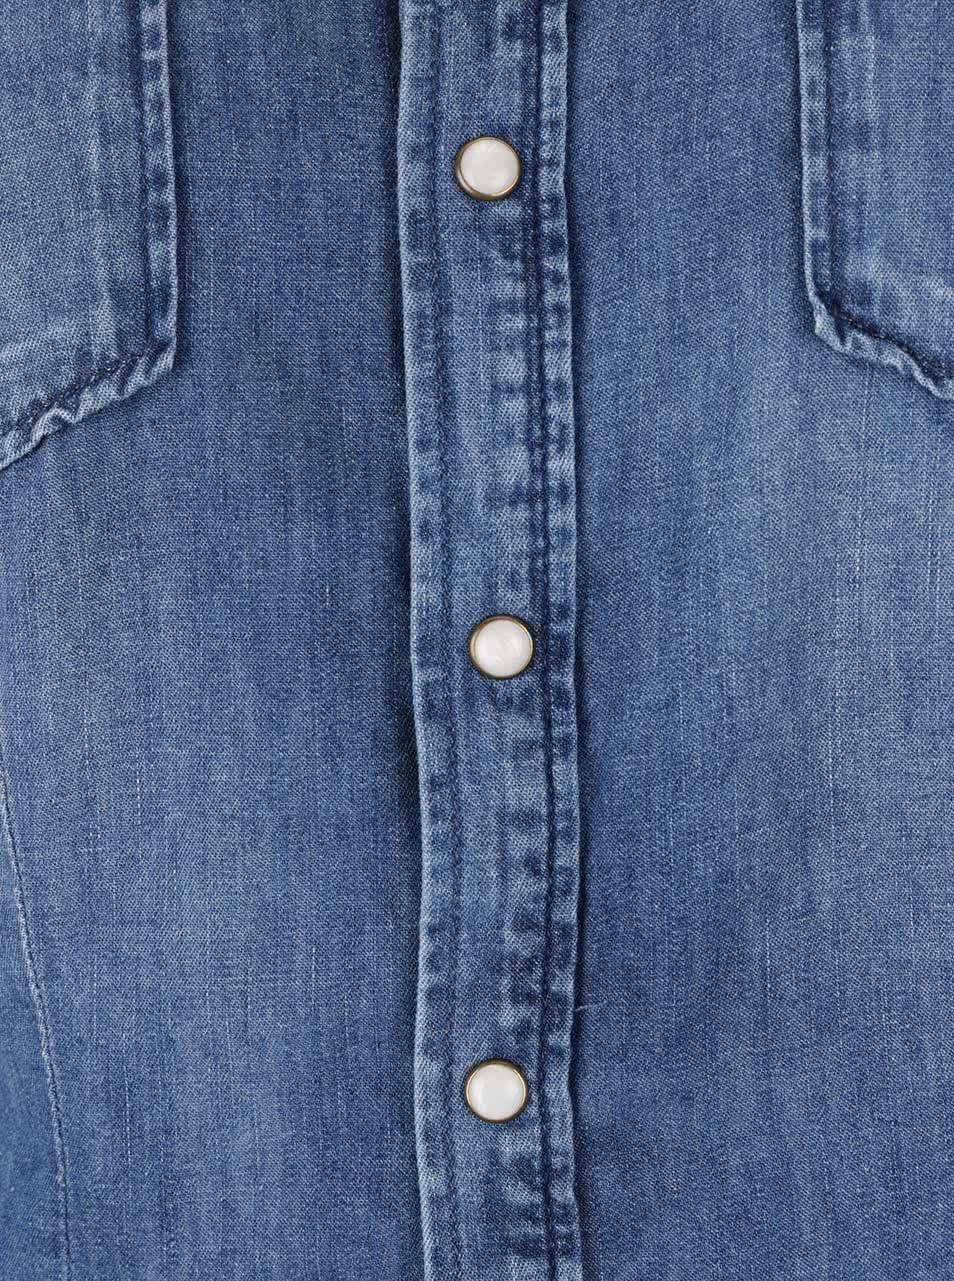 59cca038d06 Modrá dámská džínová košile Pepe Jeans Rosie ...